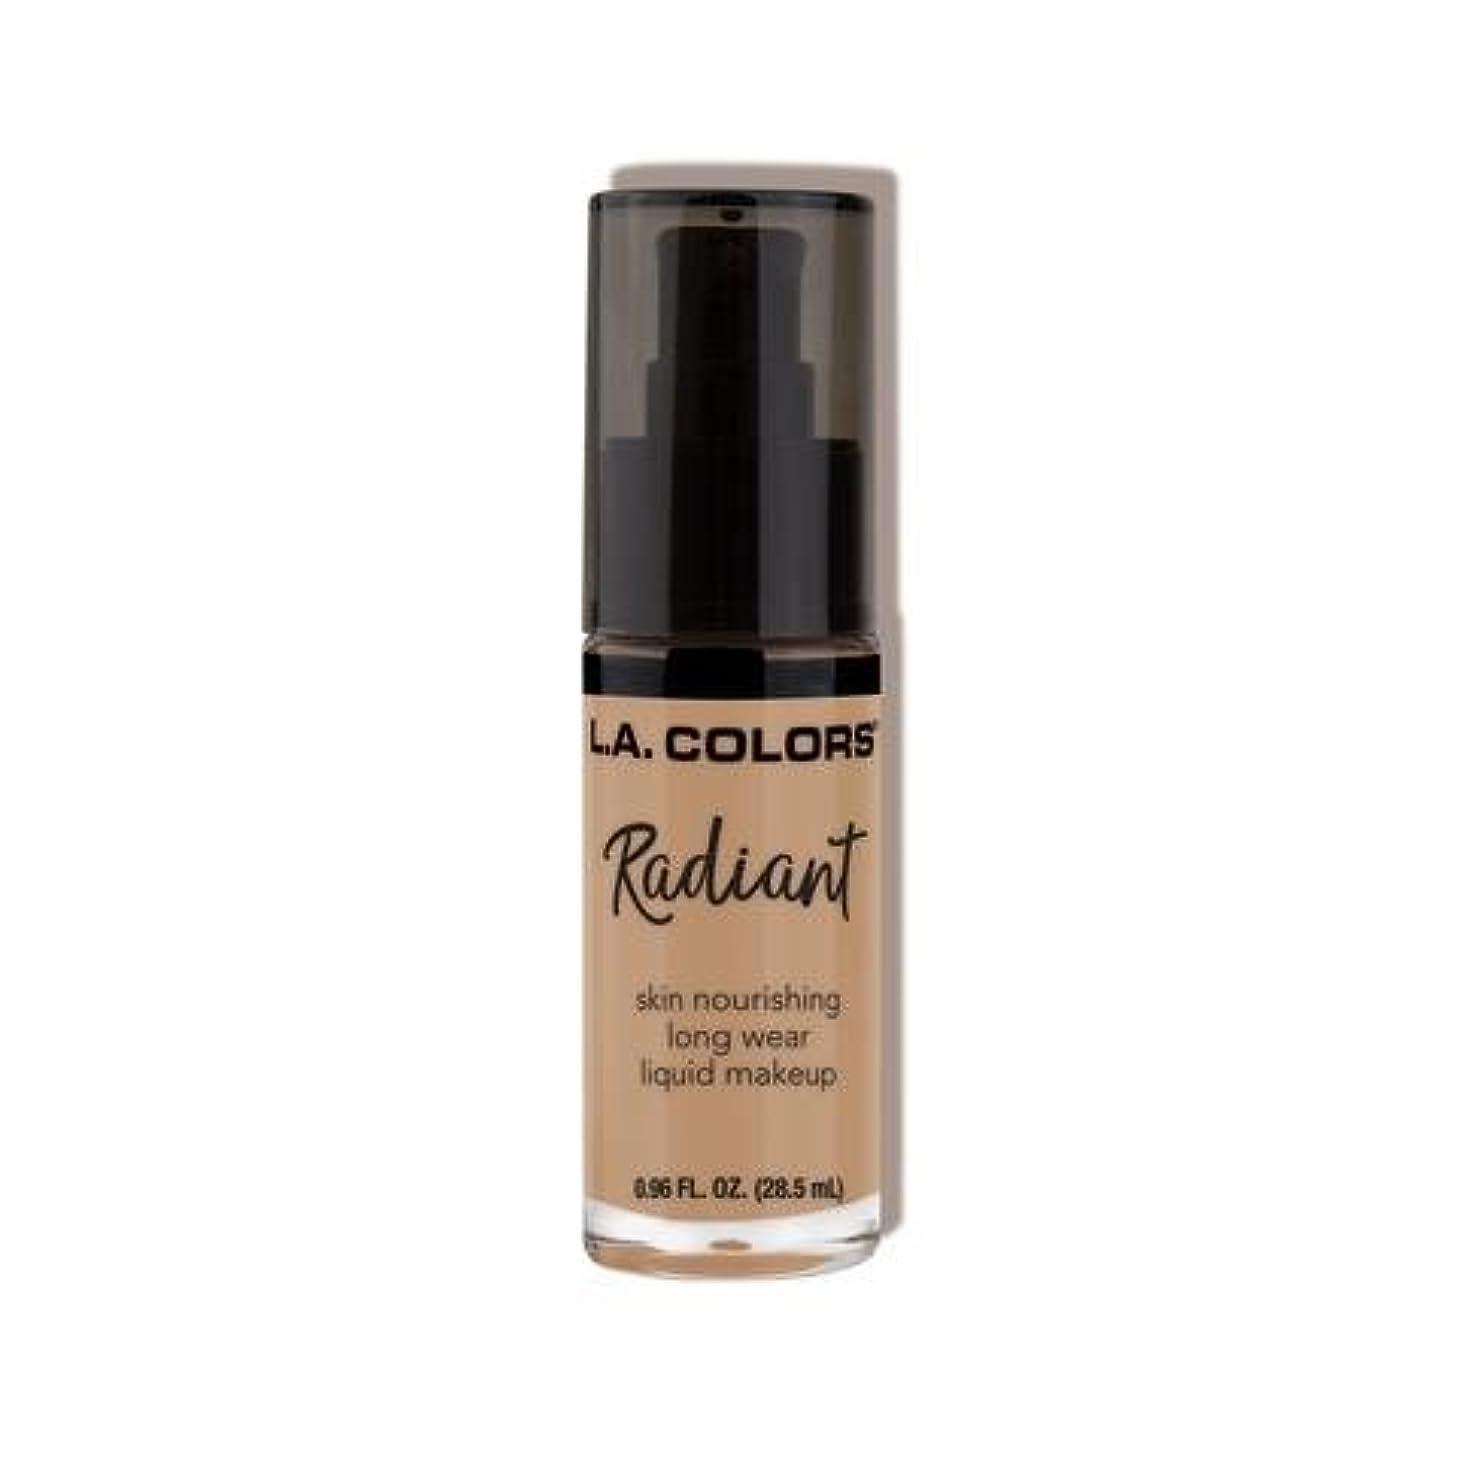 したい不完全な疑問に思う(3 Pack) L.A. COLORS Radiant Liquid Makeup - Medium Beige (並行輸入品)